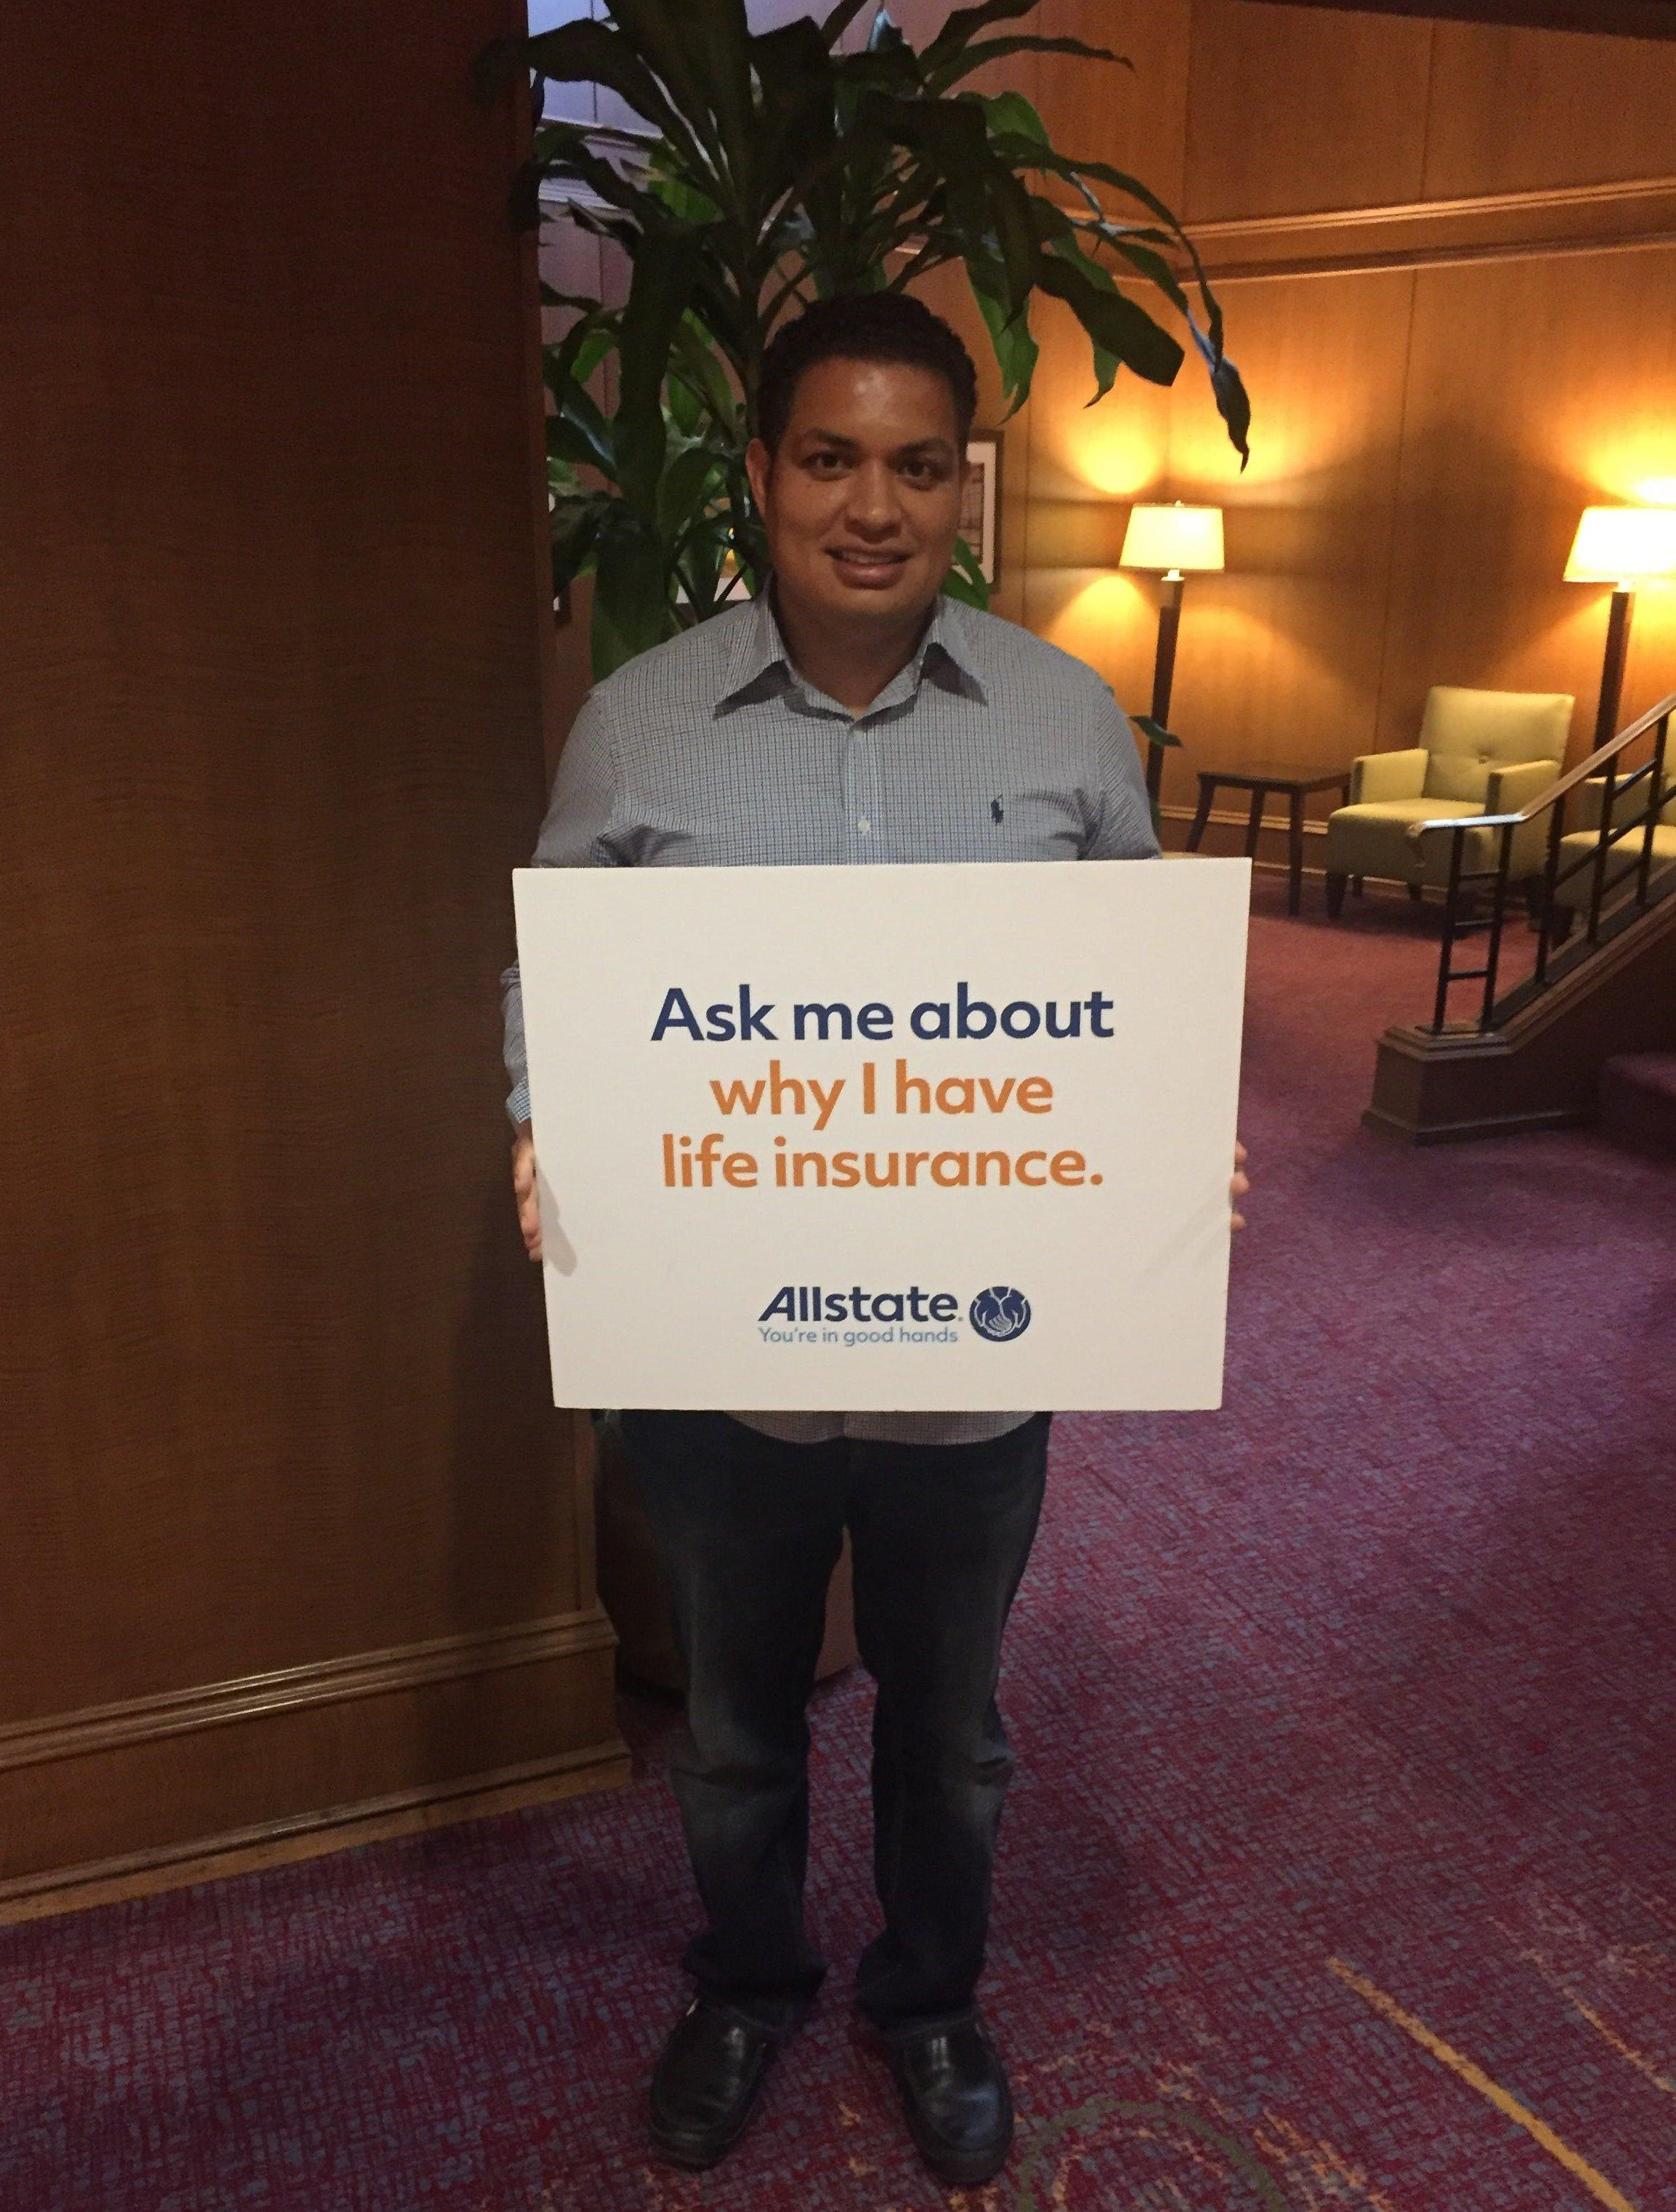 Strategic Insurance Agency, LLC.: Allstate Insurance image 2